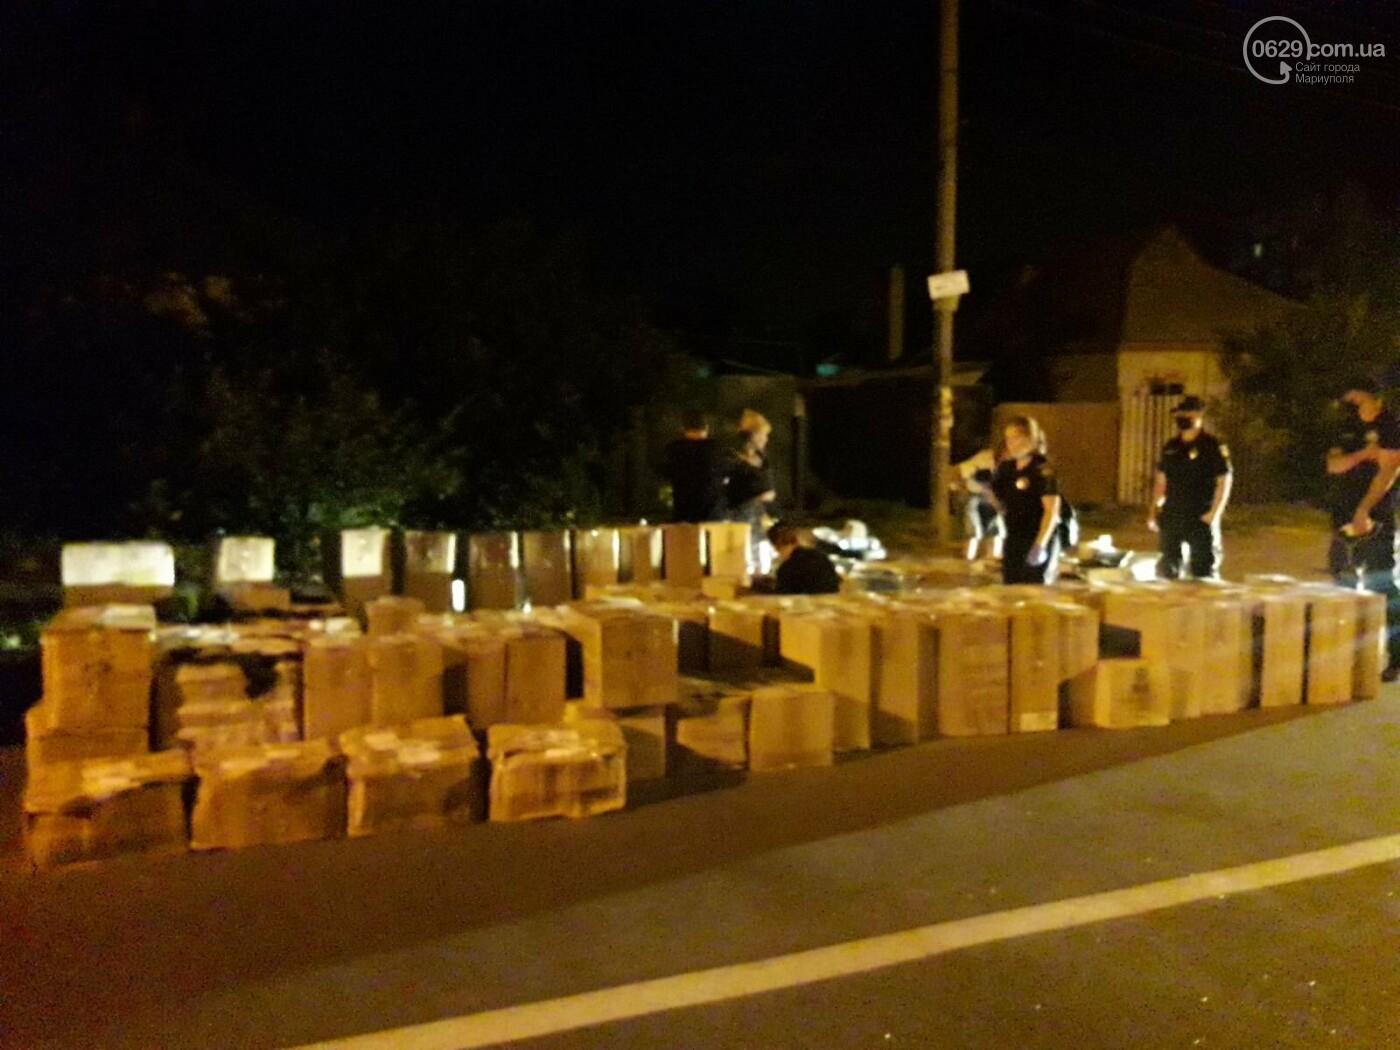 В Мариуполе автомобиль сбил полицейских, которые на дороге пересчитывали сигареты,- ФОТО, фото-2